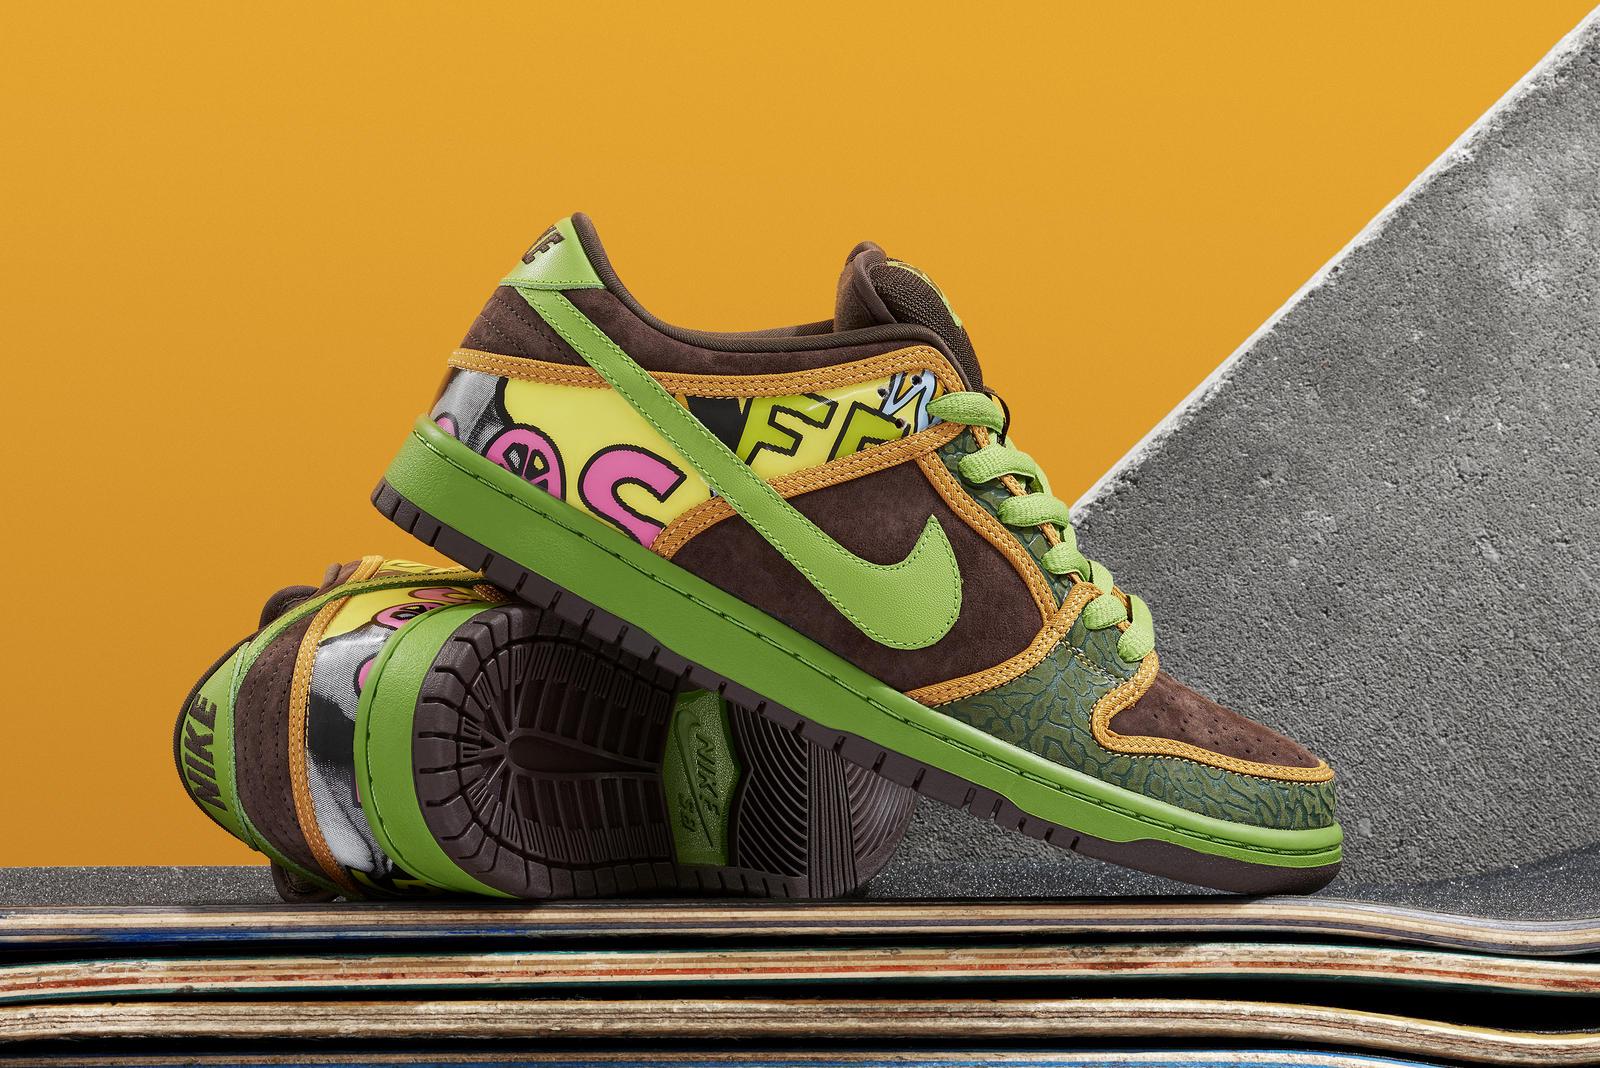 comprar en venta buena venta barata Nike Dunk Sb Alta - Sb Pro De La Soul Letras 2014 más reciente falsa salida YSxeTE